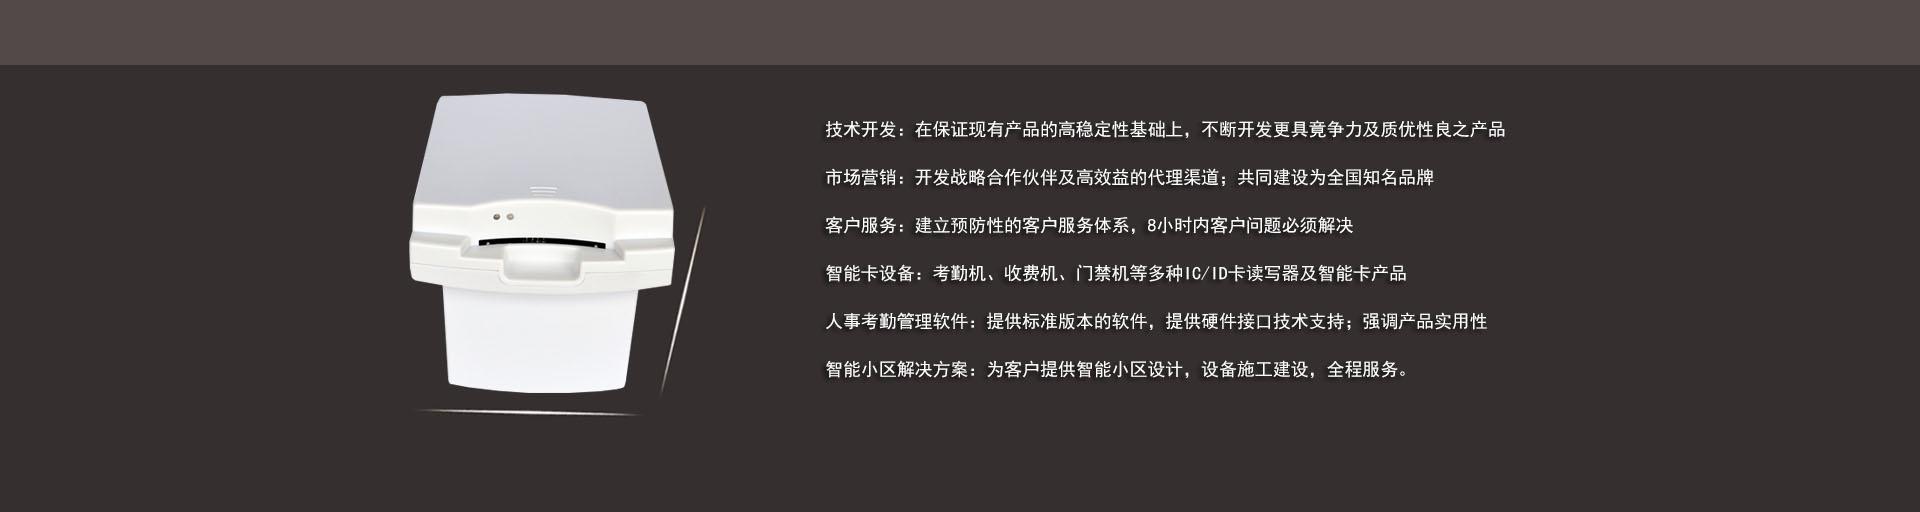 重庆读卡器